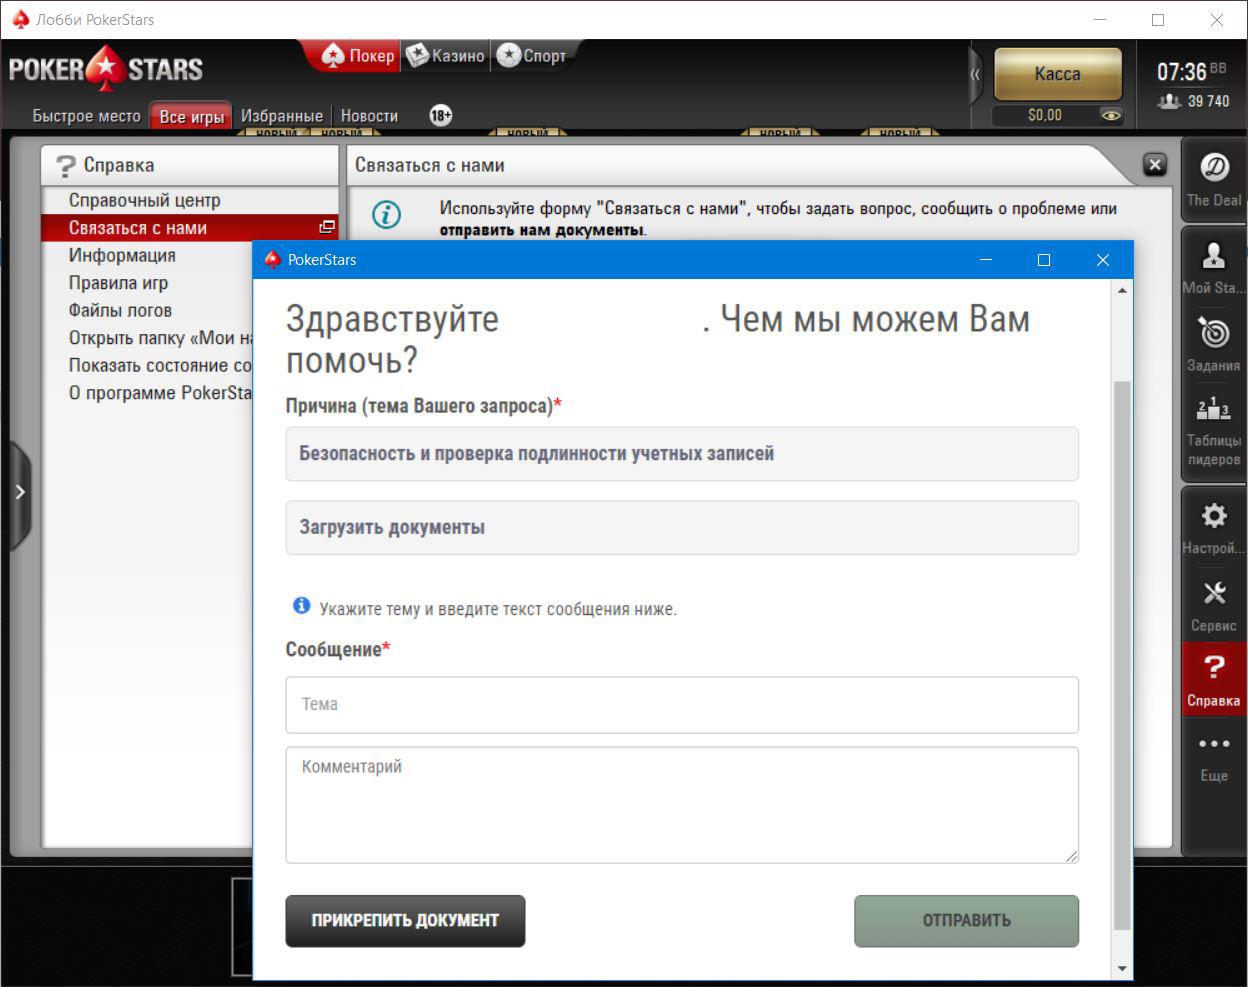 Подтверждение личности игрока в клиенте PokerStars с загрузкой документов для техподдержки.